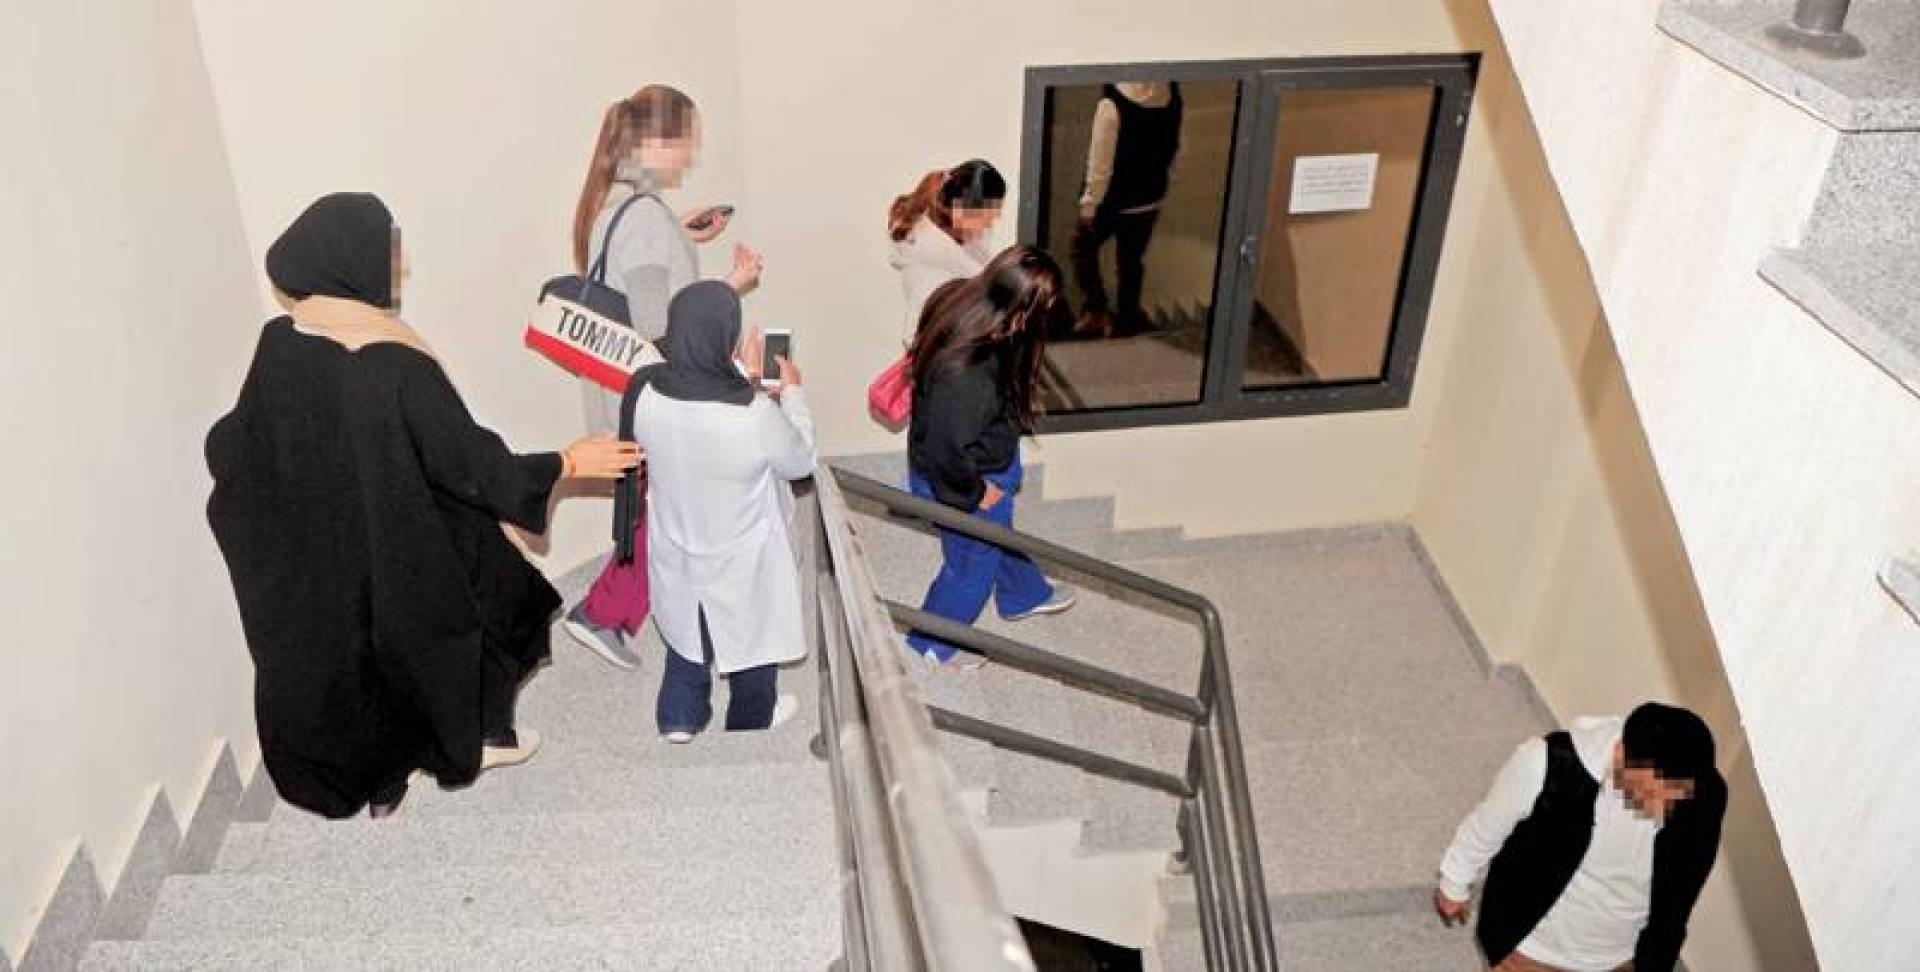 مفتشة تقود المخالفات بعد رصدهن في إحدى العيادات